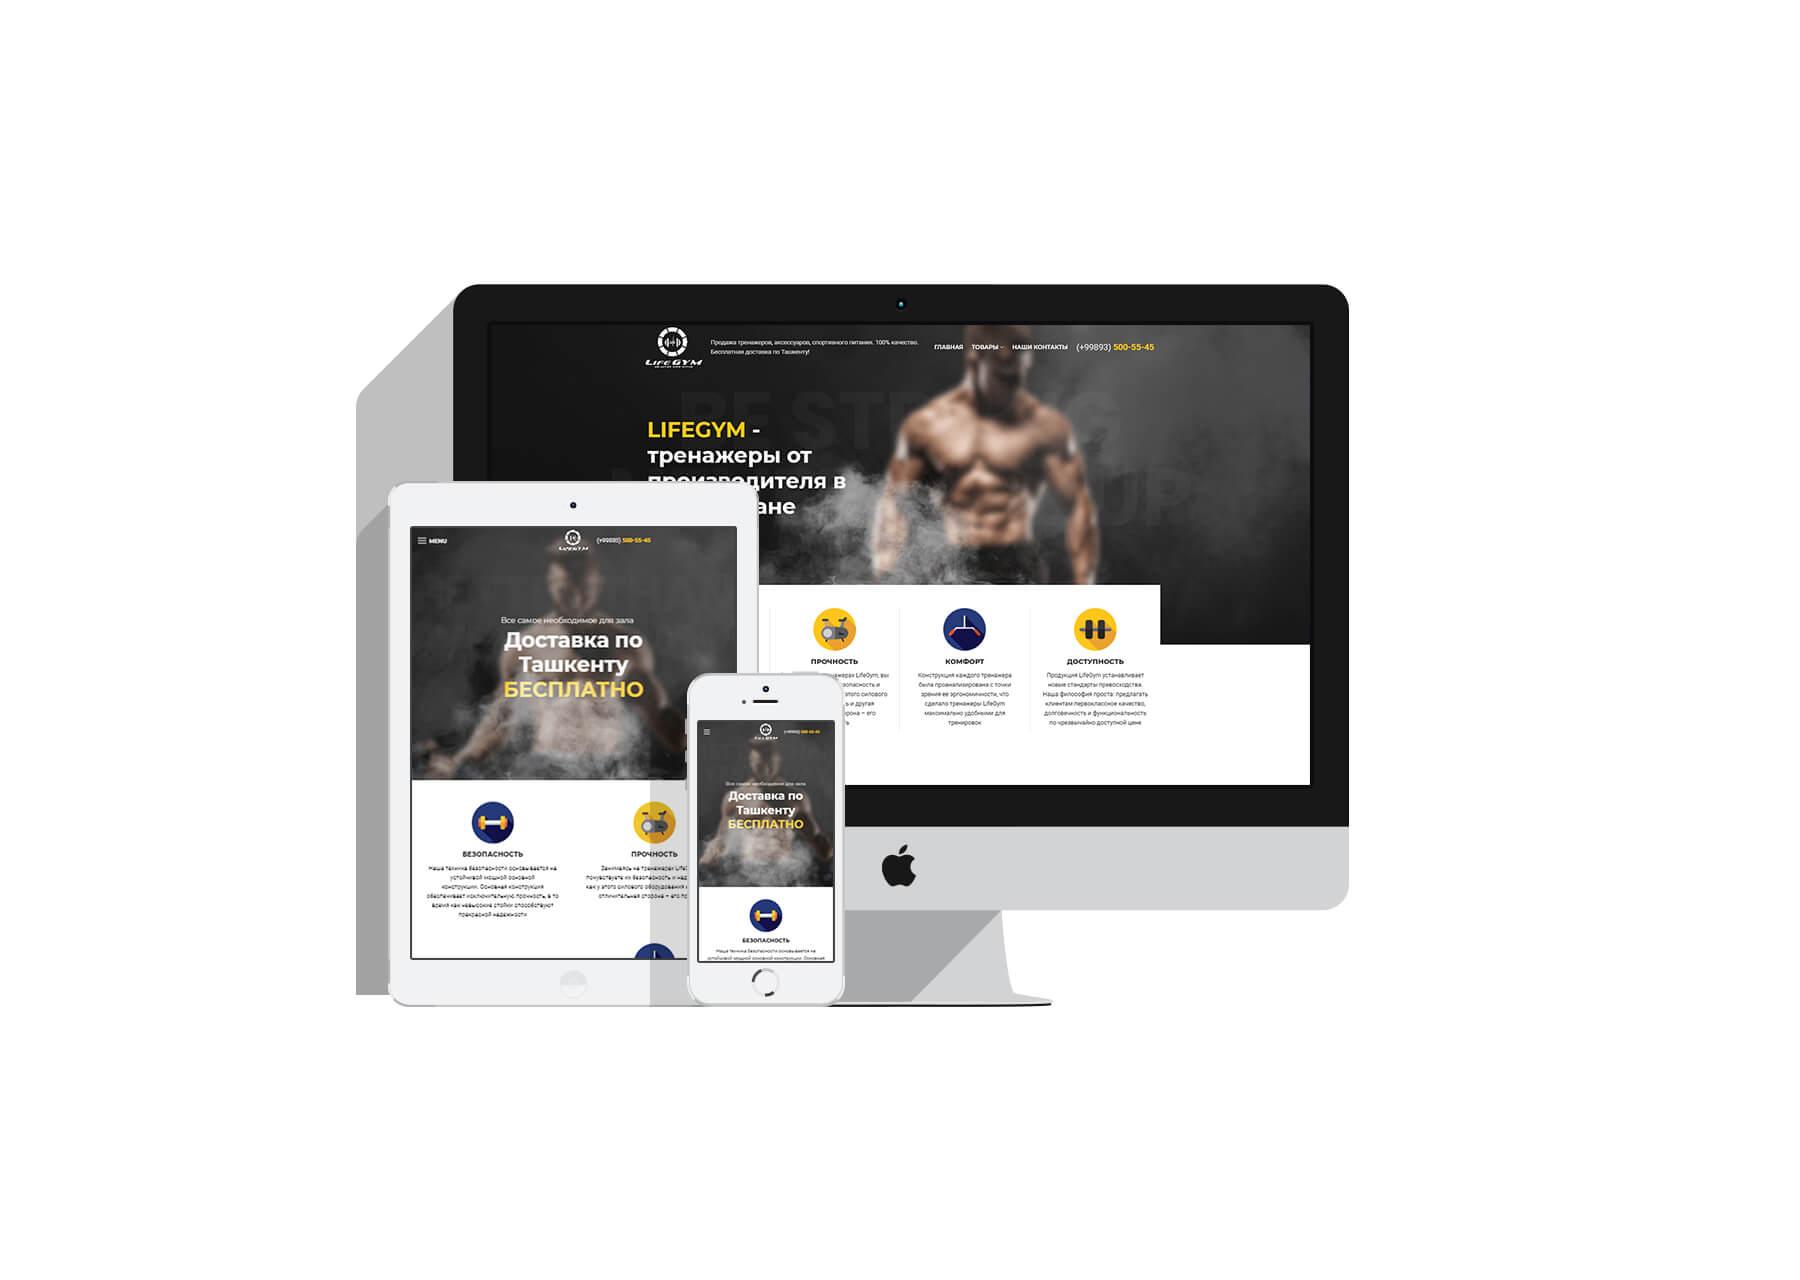 Life gym portfolio